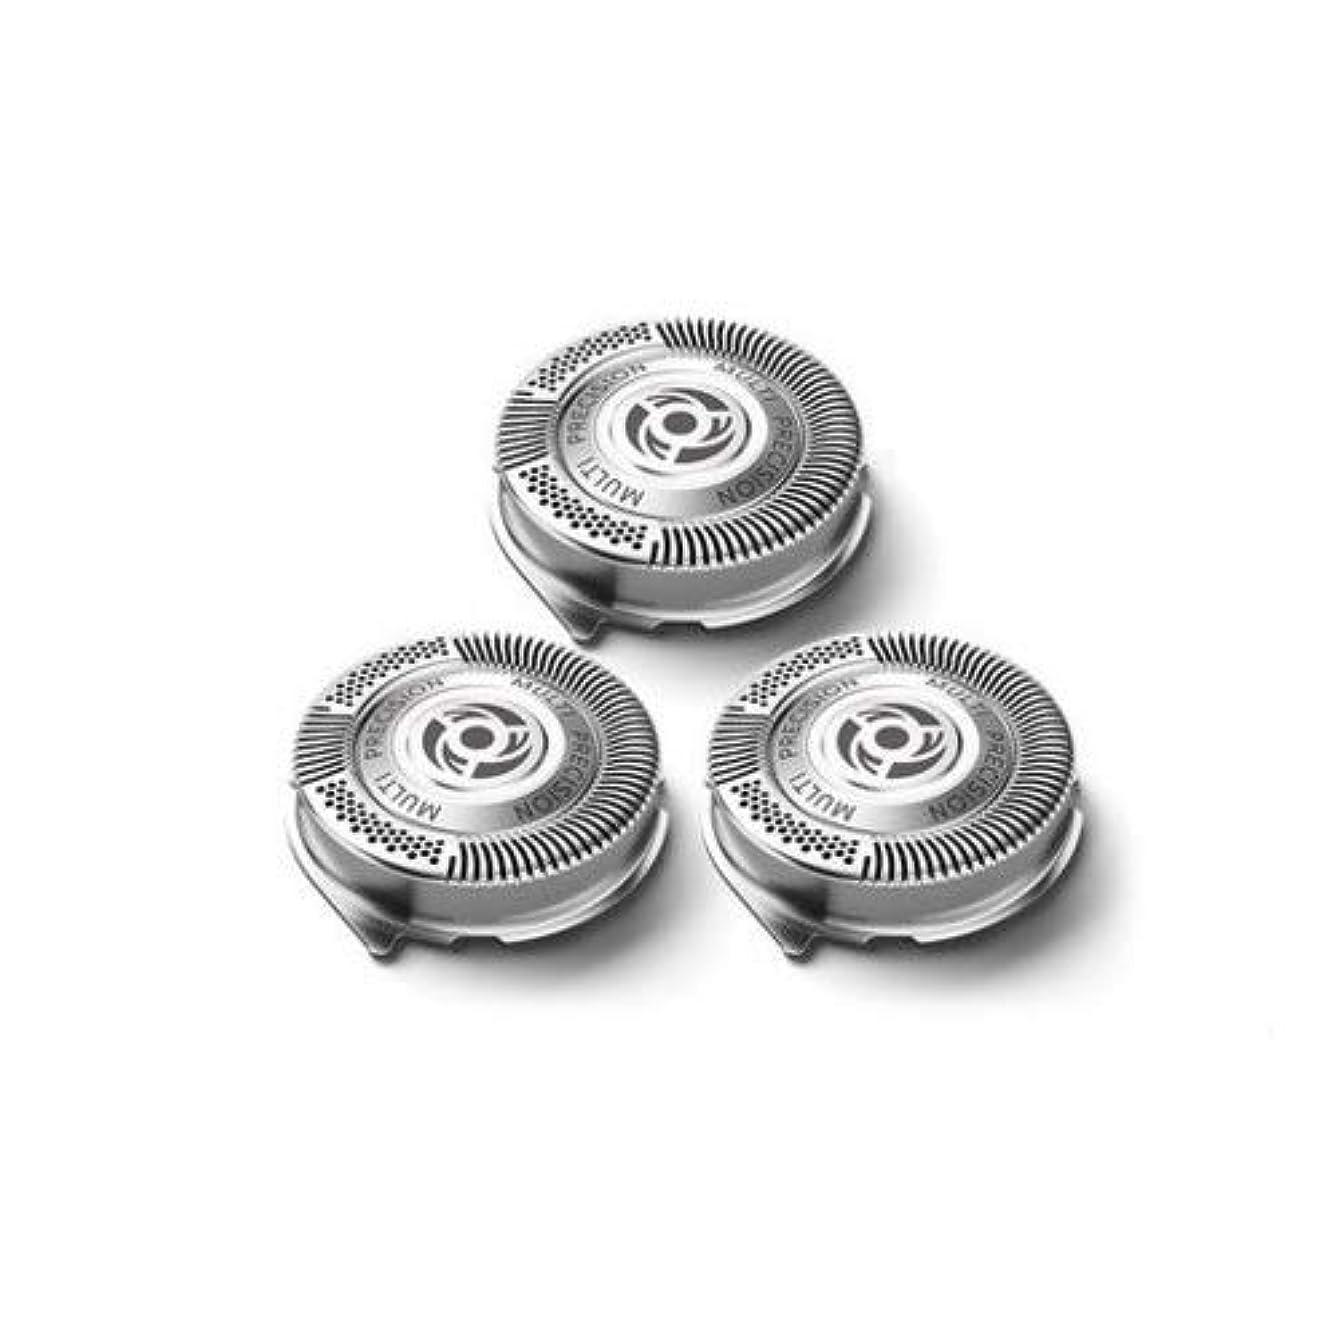 バック伸ばす揺れるシェーバーカミソリヘッド交換 替え刃 に適用するPhilips SH50 DualPrecisionヘッド(3個)